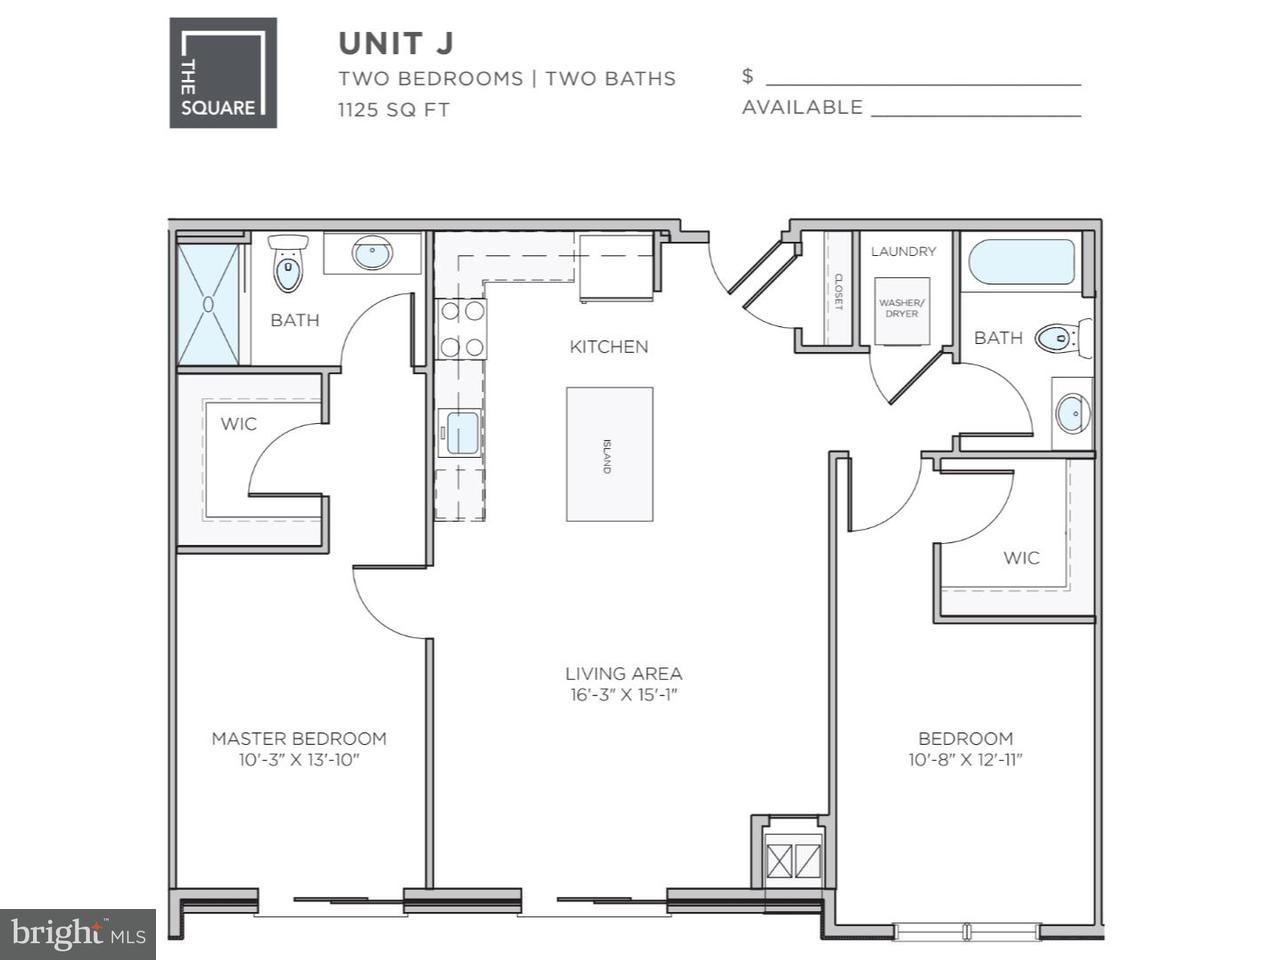 Casa Unifamiliar por un Alquiler en 110 SIBLEY AVE #208 Ardmore, Pennsylvania 19003 Estados Unidos